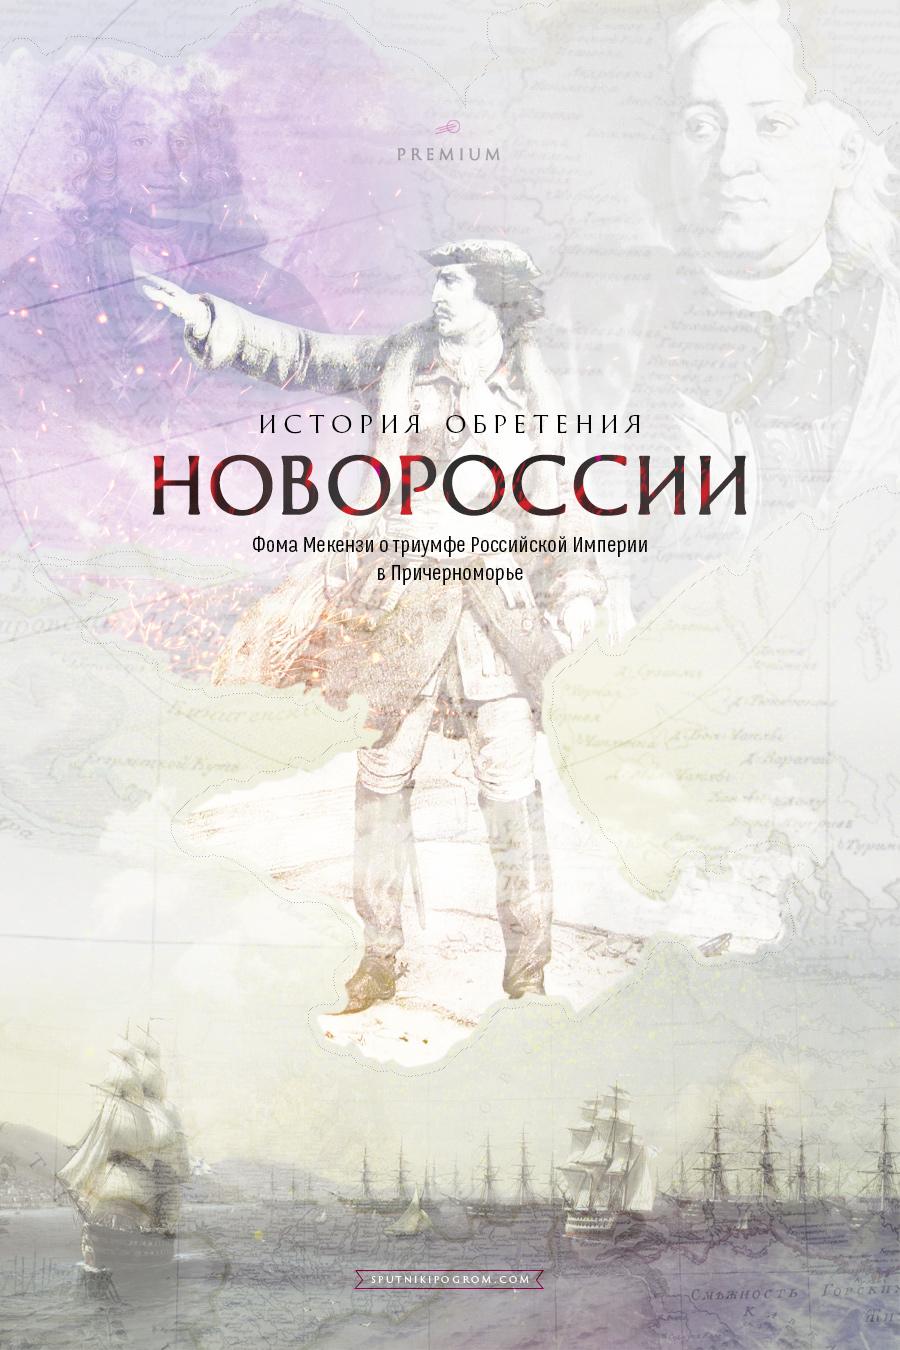 novorossiya-history